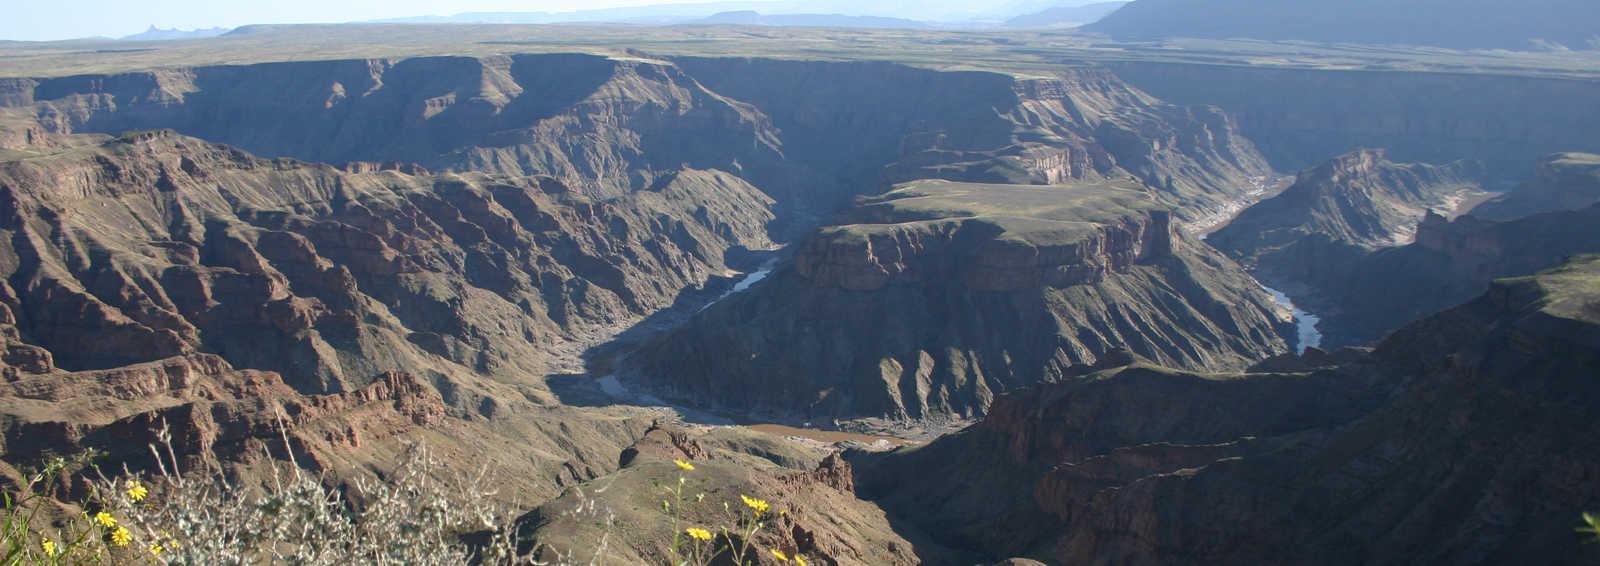 Fish River Canyon trek, Namibia